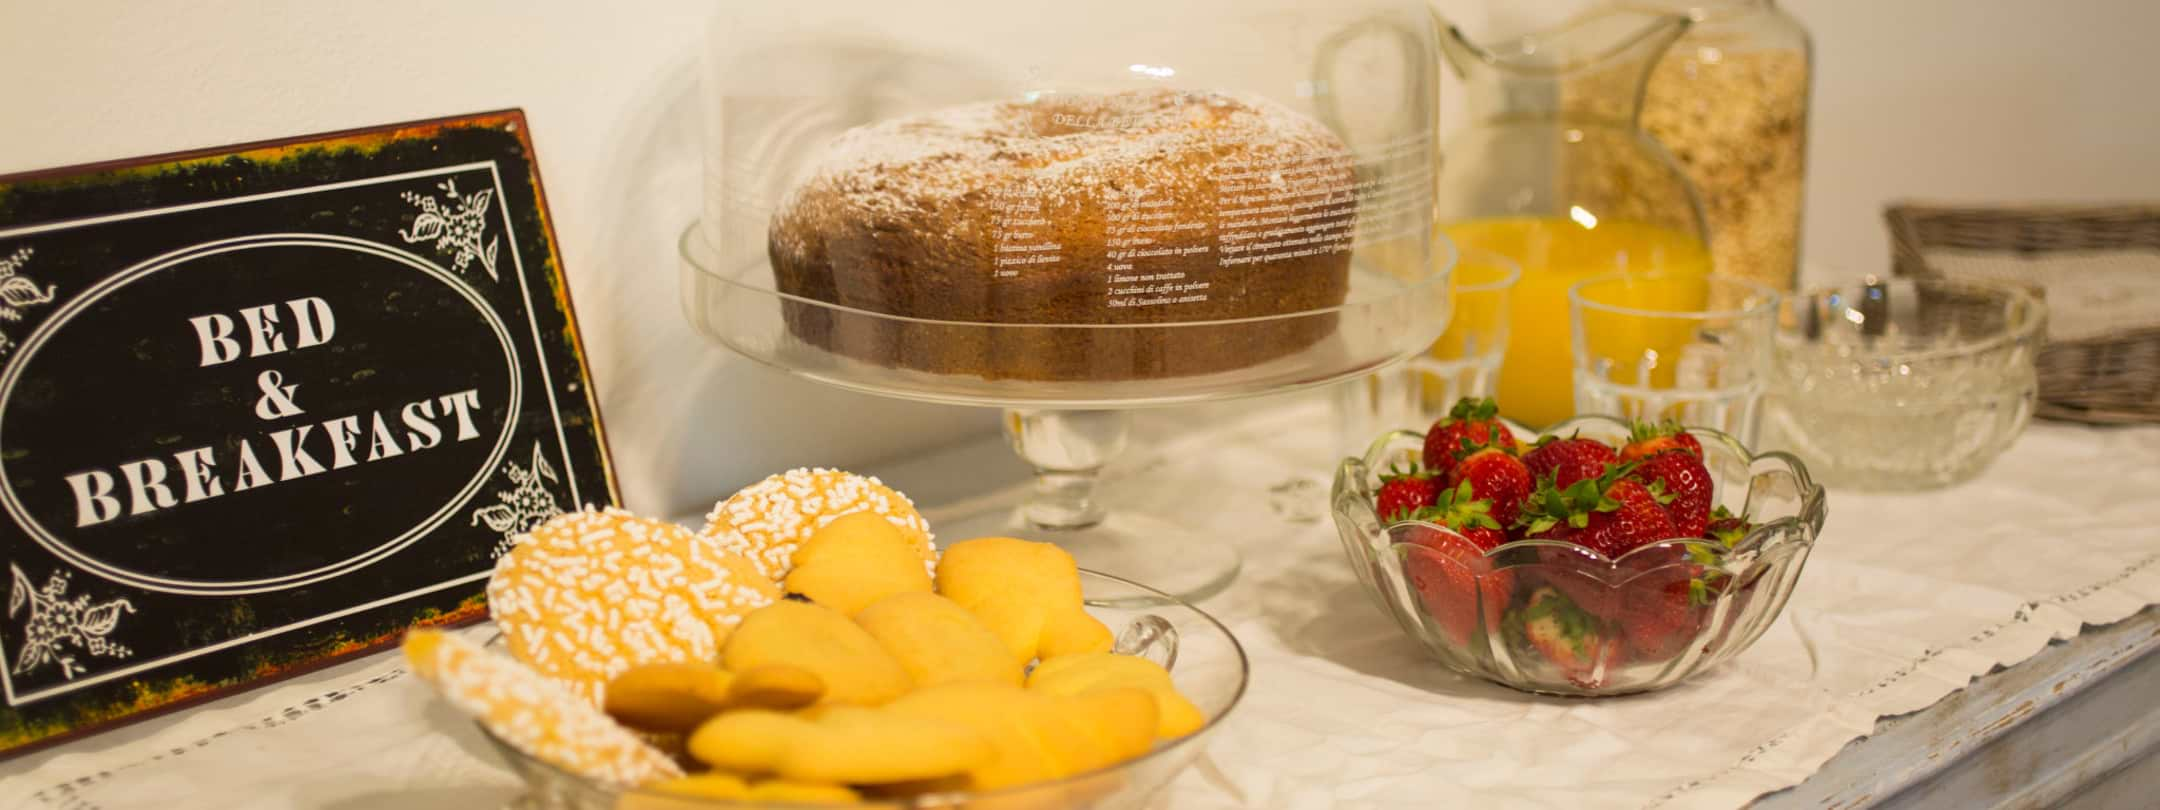 bed&breakfast ozzano emilia bologna